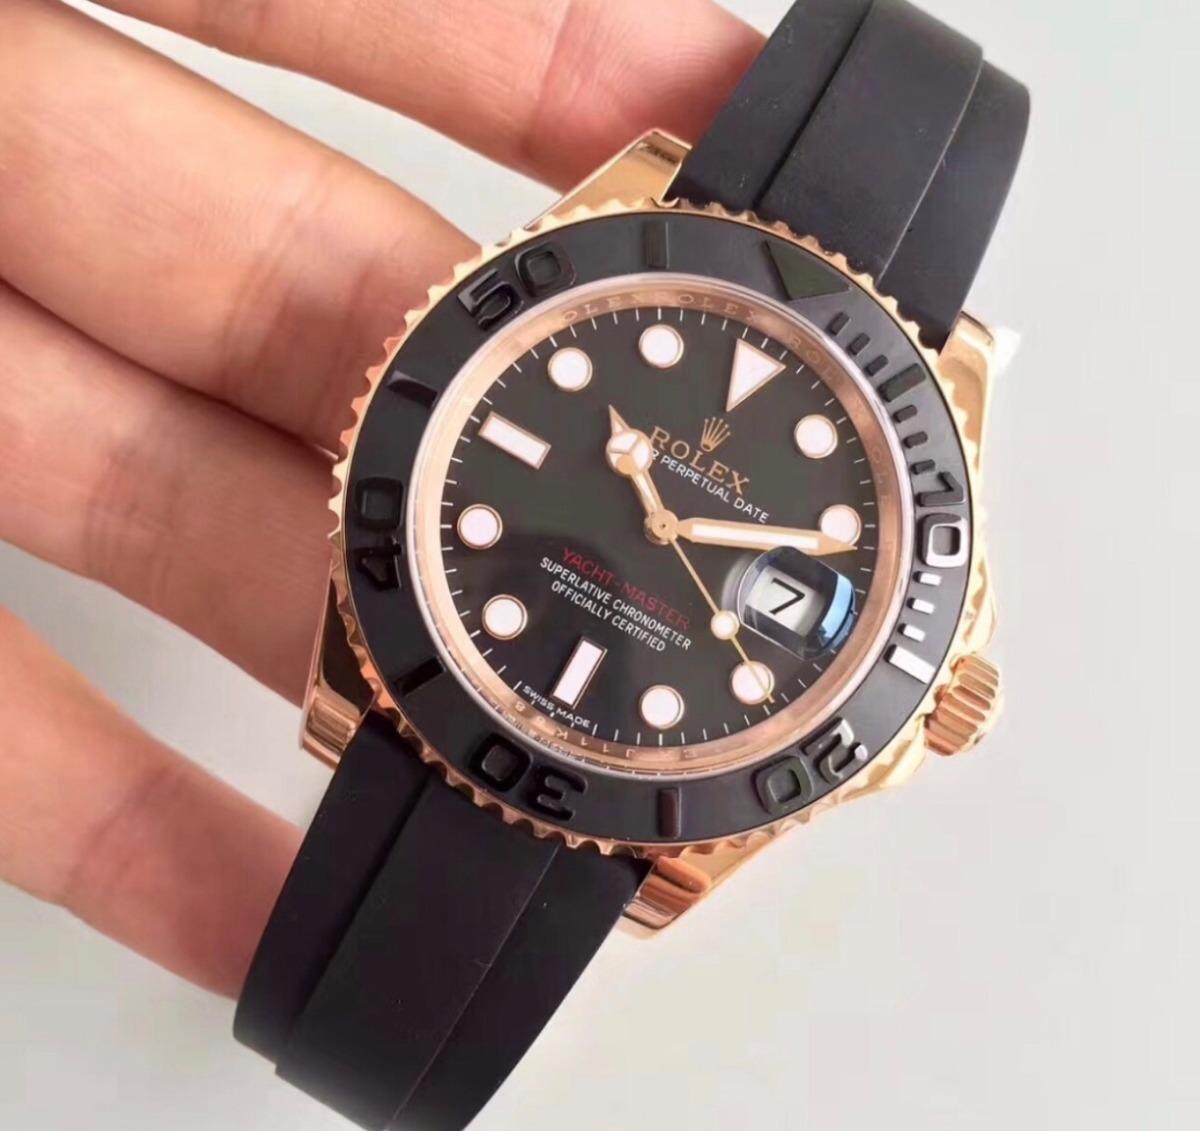 01ea45832f6 relógio rolex yacht master oysterflex masculino - importado. Carregando  zoom.